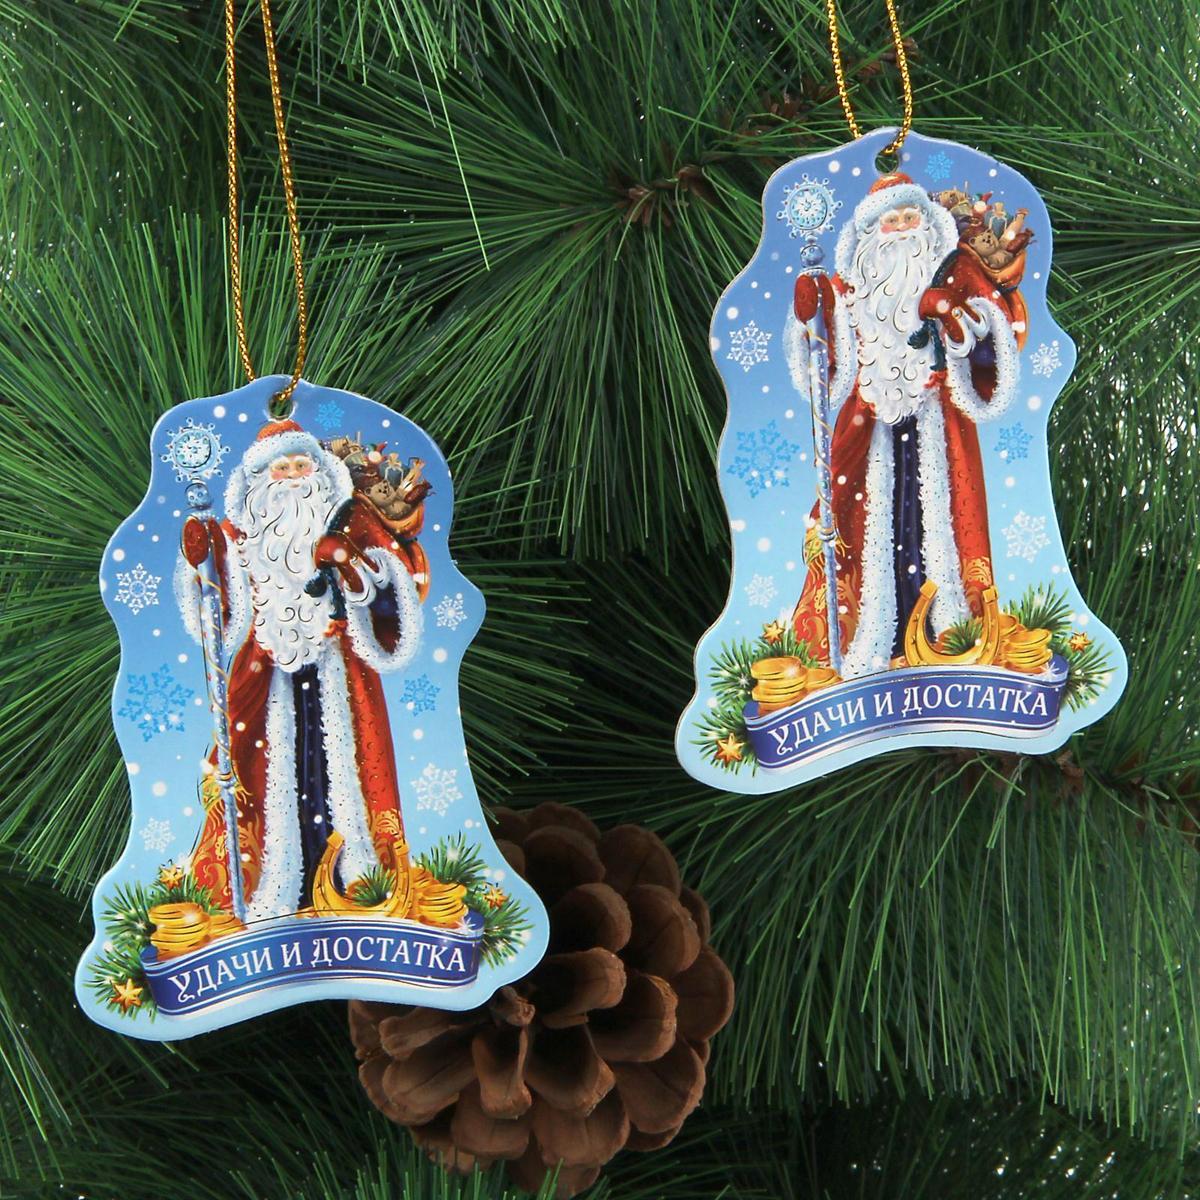 Новогоднее подвесное украшение Sima-land Удачи и достатка, 6,5 х 9 см, 2 шт1353876Новогоднее украшение Sima-land отлично подойдет для декорации вашего дома и новогодней ели.Елочная игрушка - символ Нового года. Она несет в себе волшебство и красоту праздника. Такое украшение создаст в вашем доме атмосферу праздника, веселья и радости.